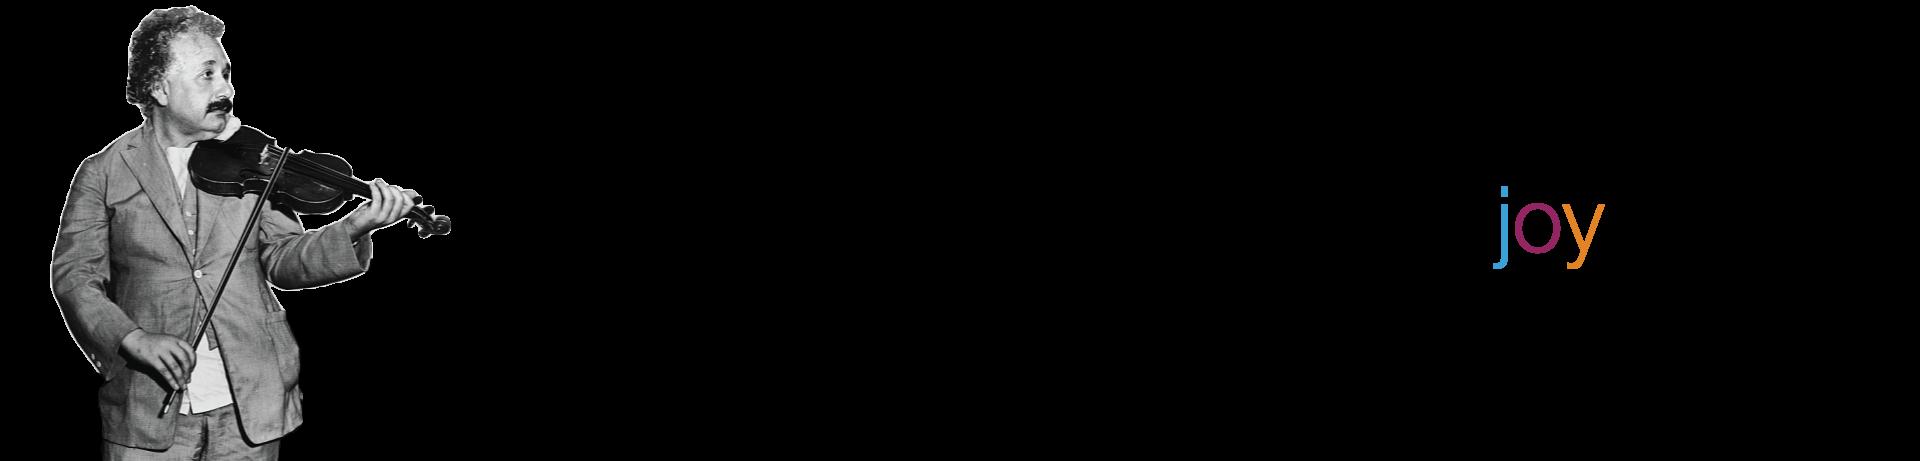 Einsteinquotes